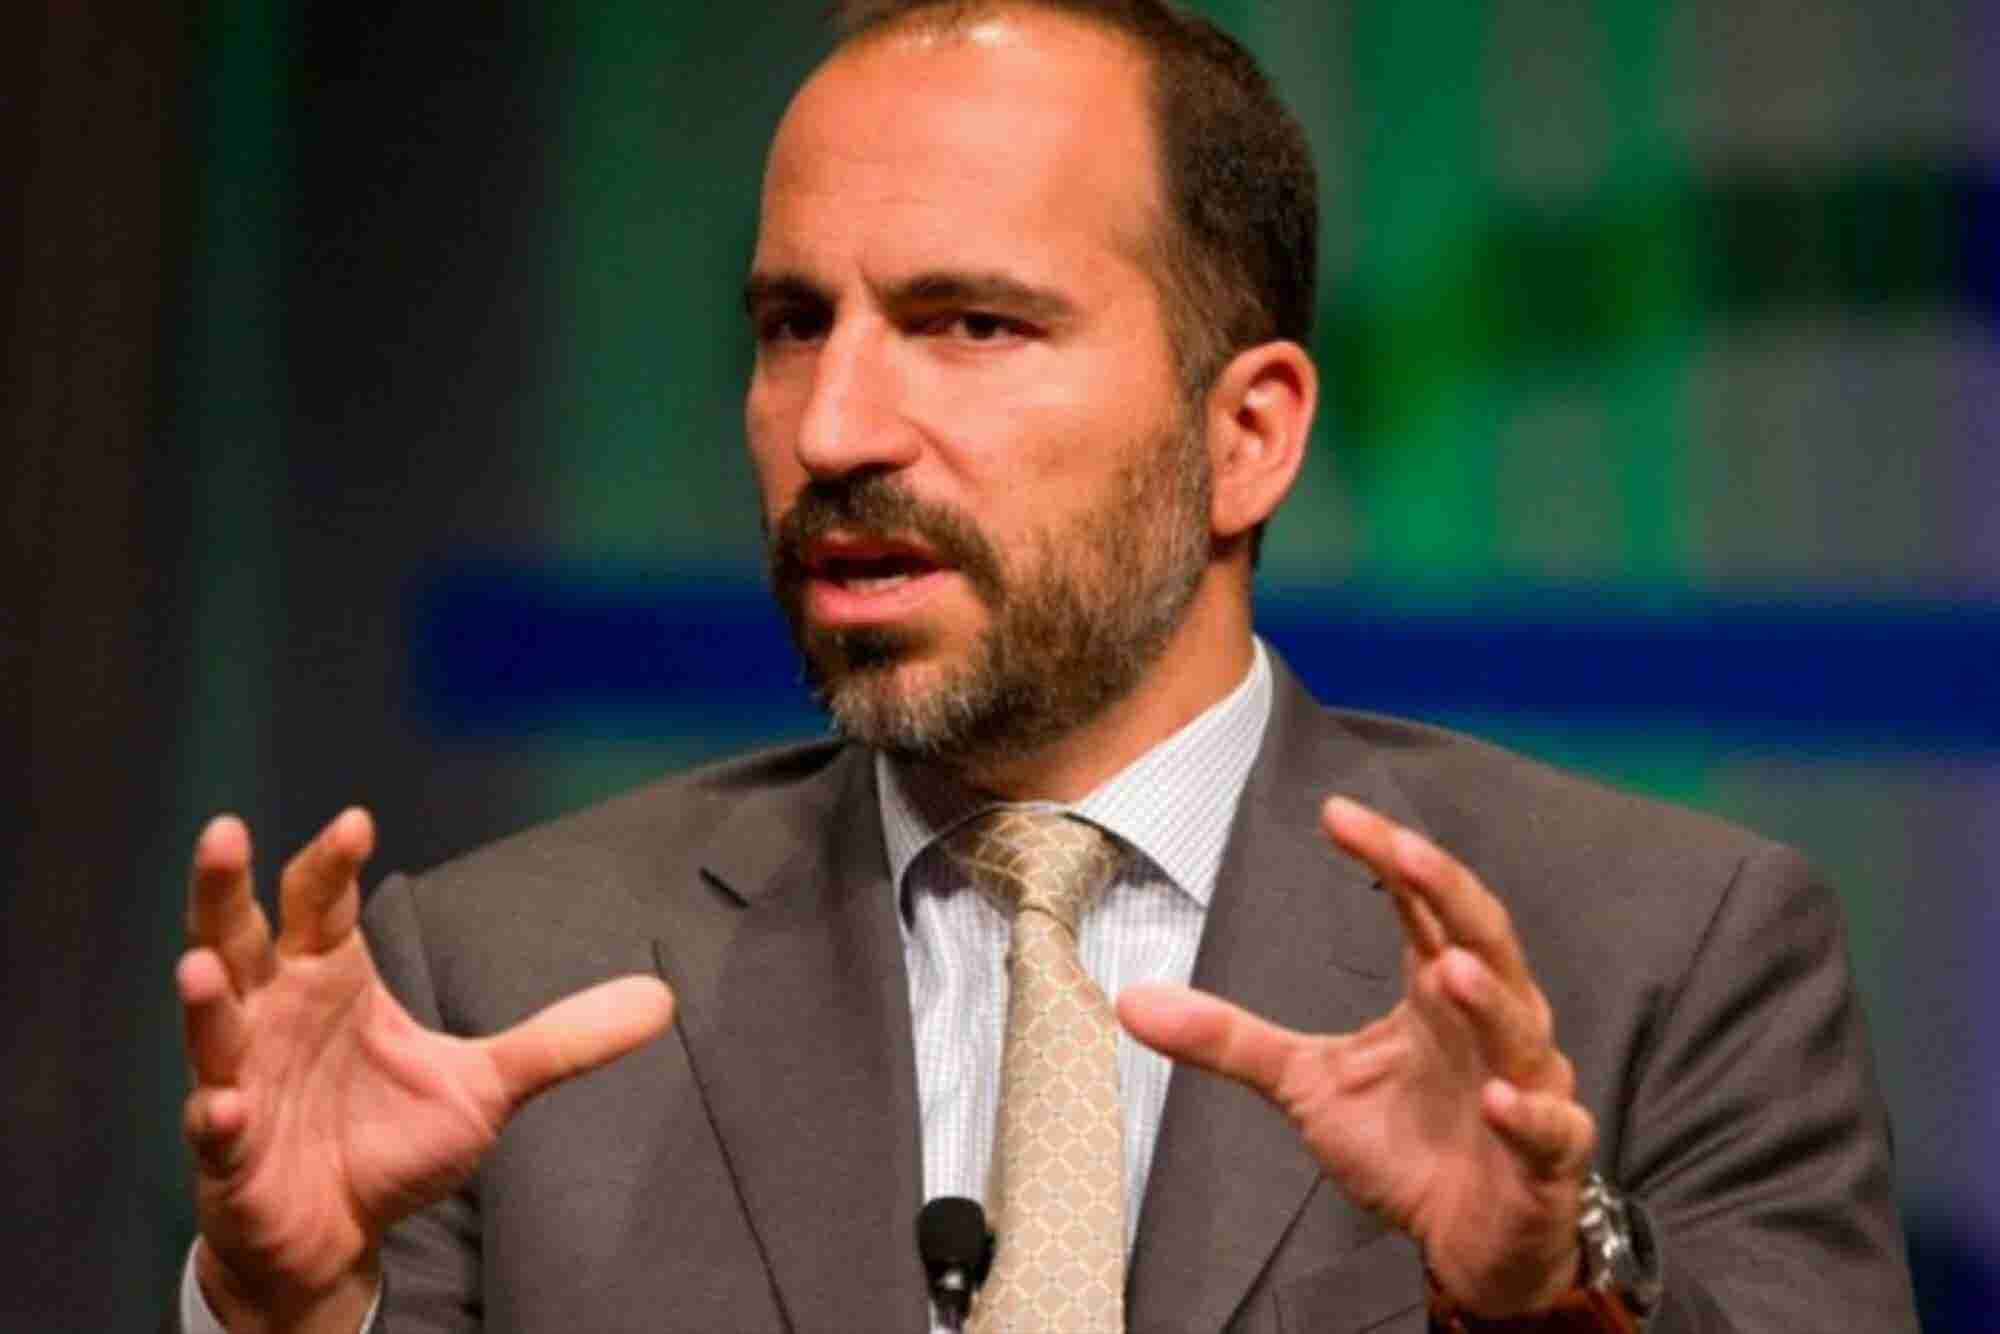 Por qué se disculpó el nuevo CEO de Uber